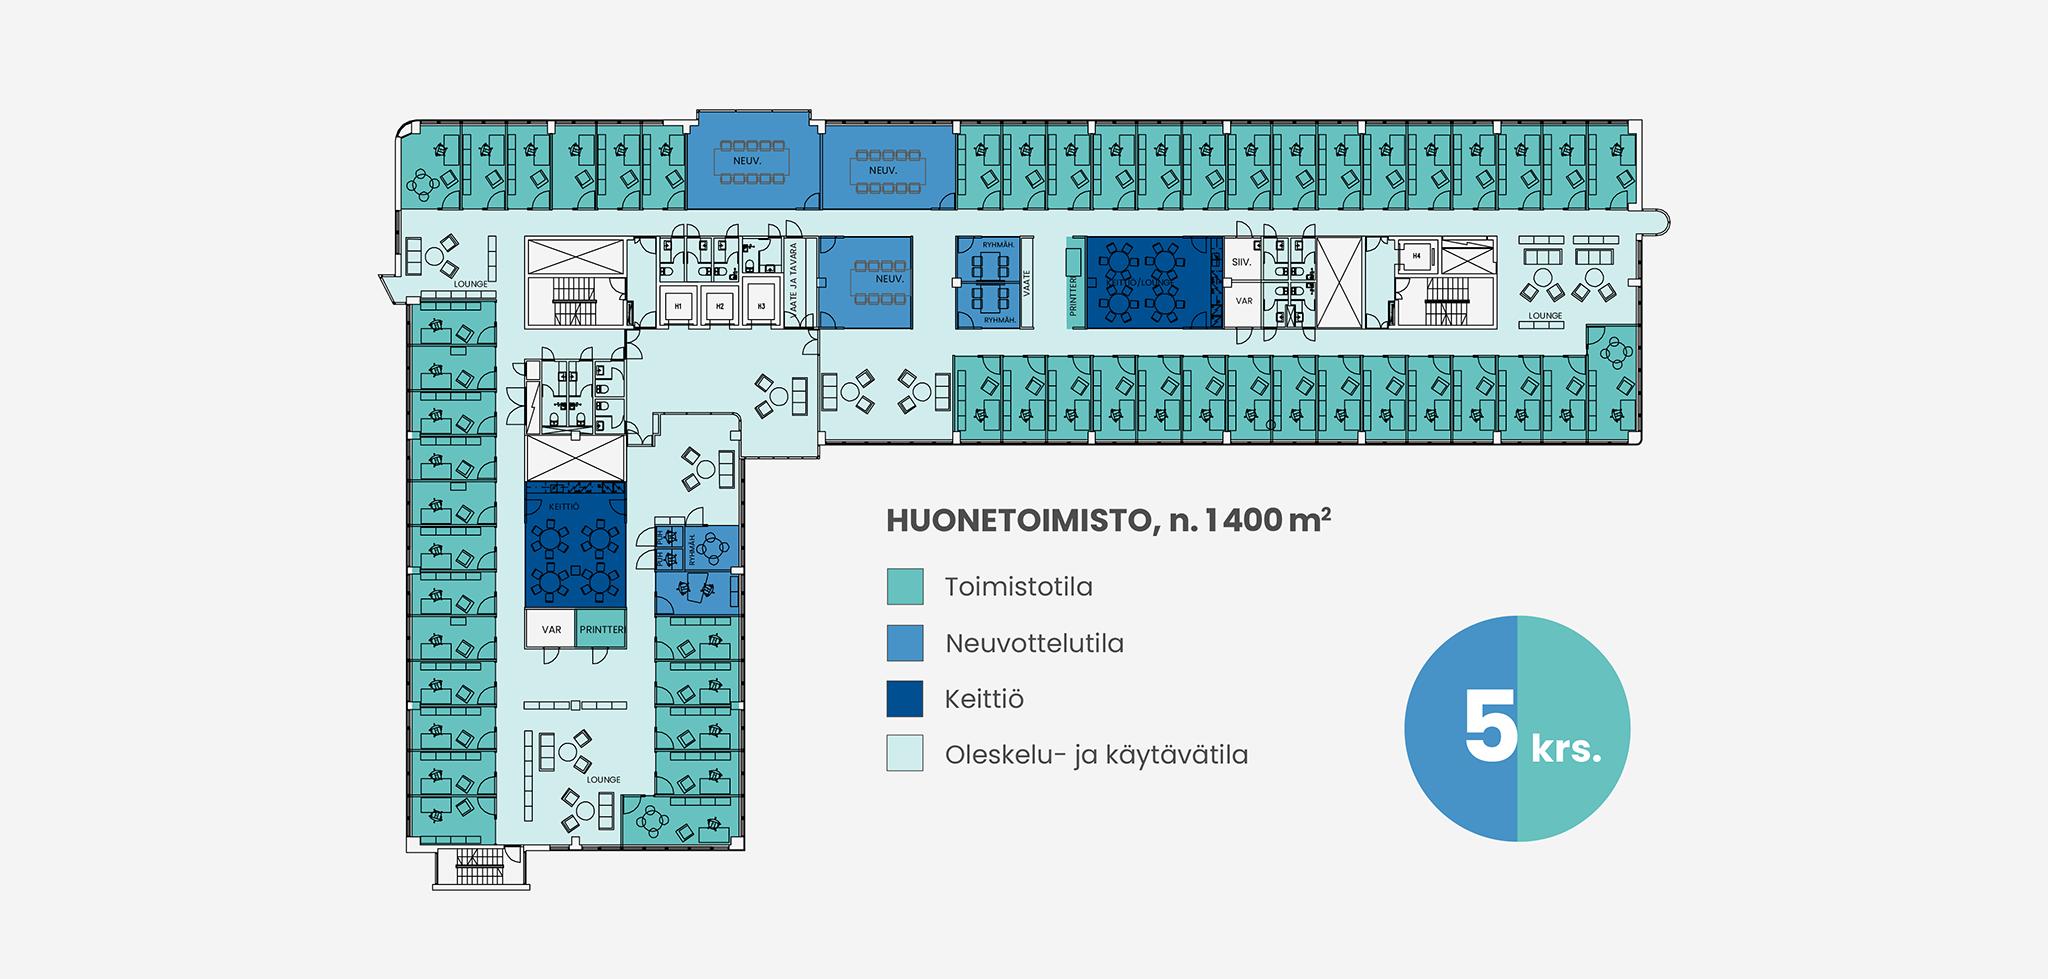 Pohjakuva 1400 neliömetrin huonetoimistosta Piispanportti 10:ssä